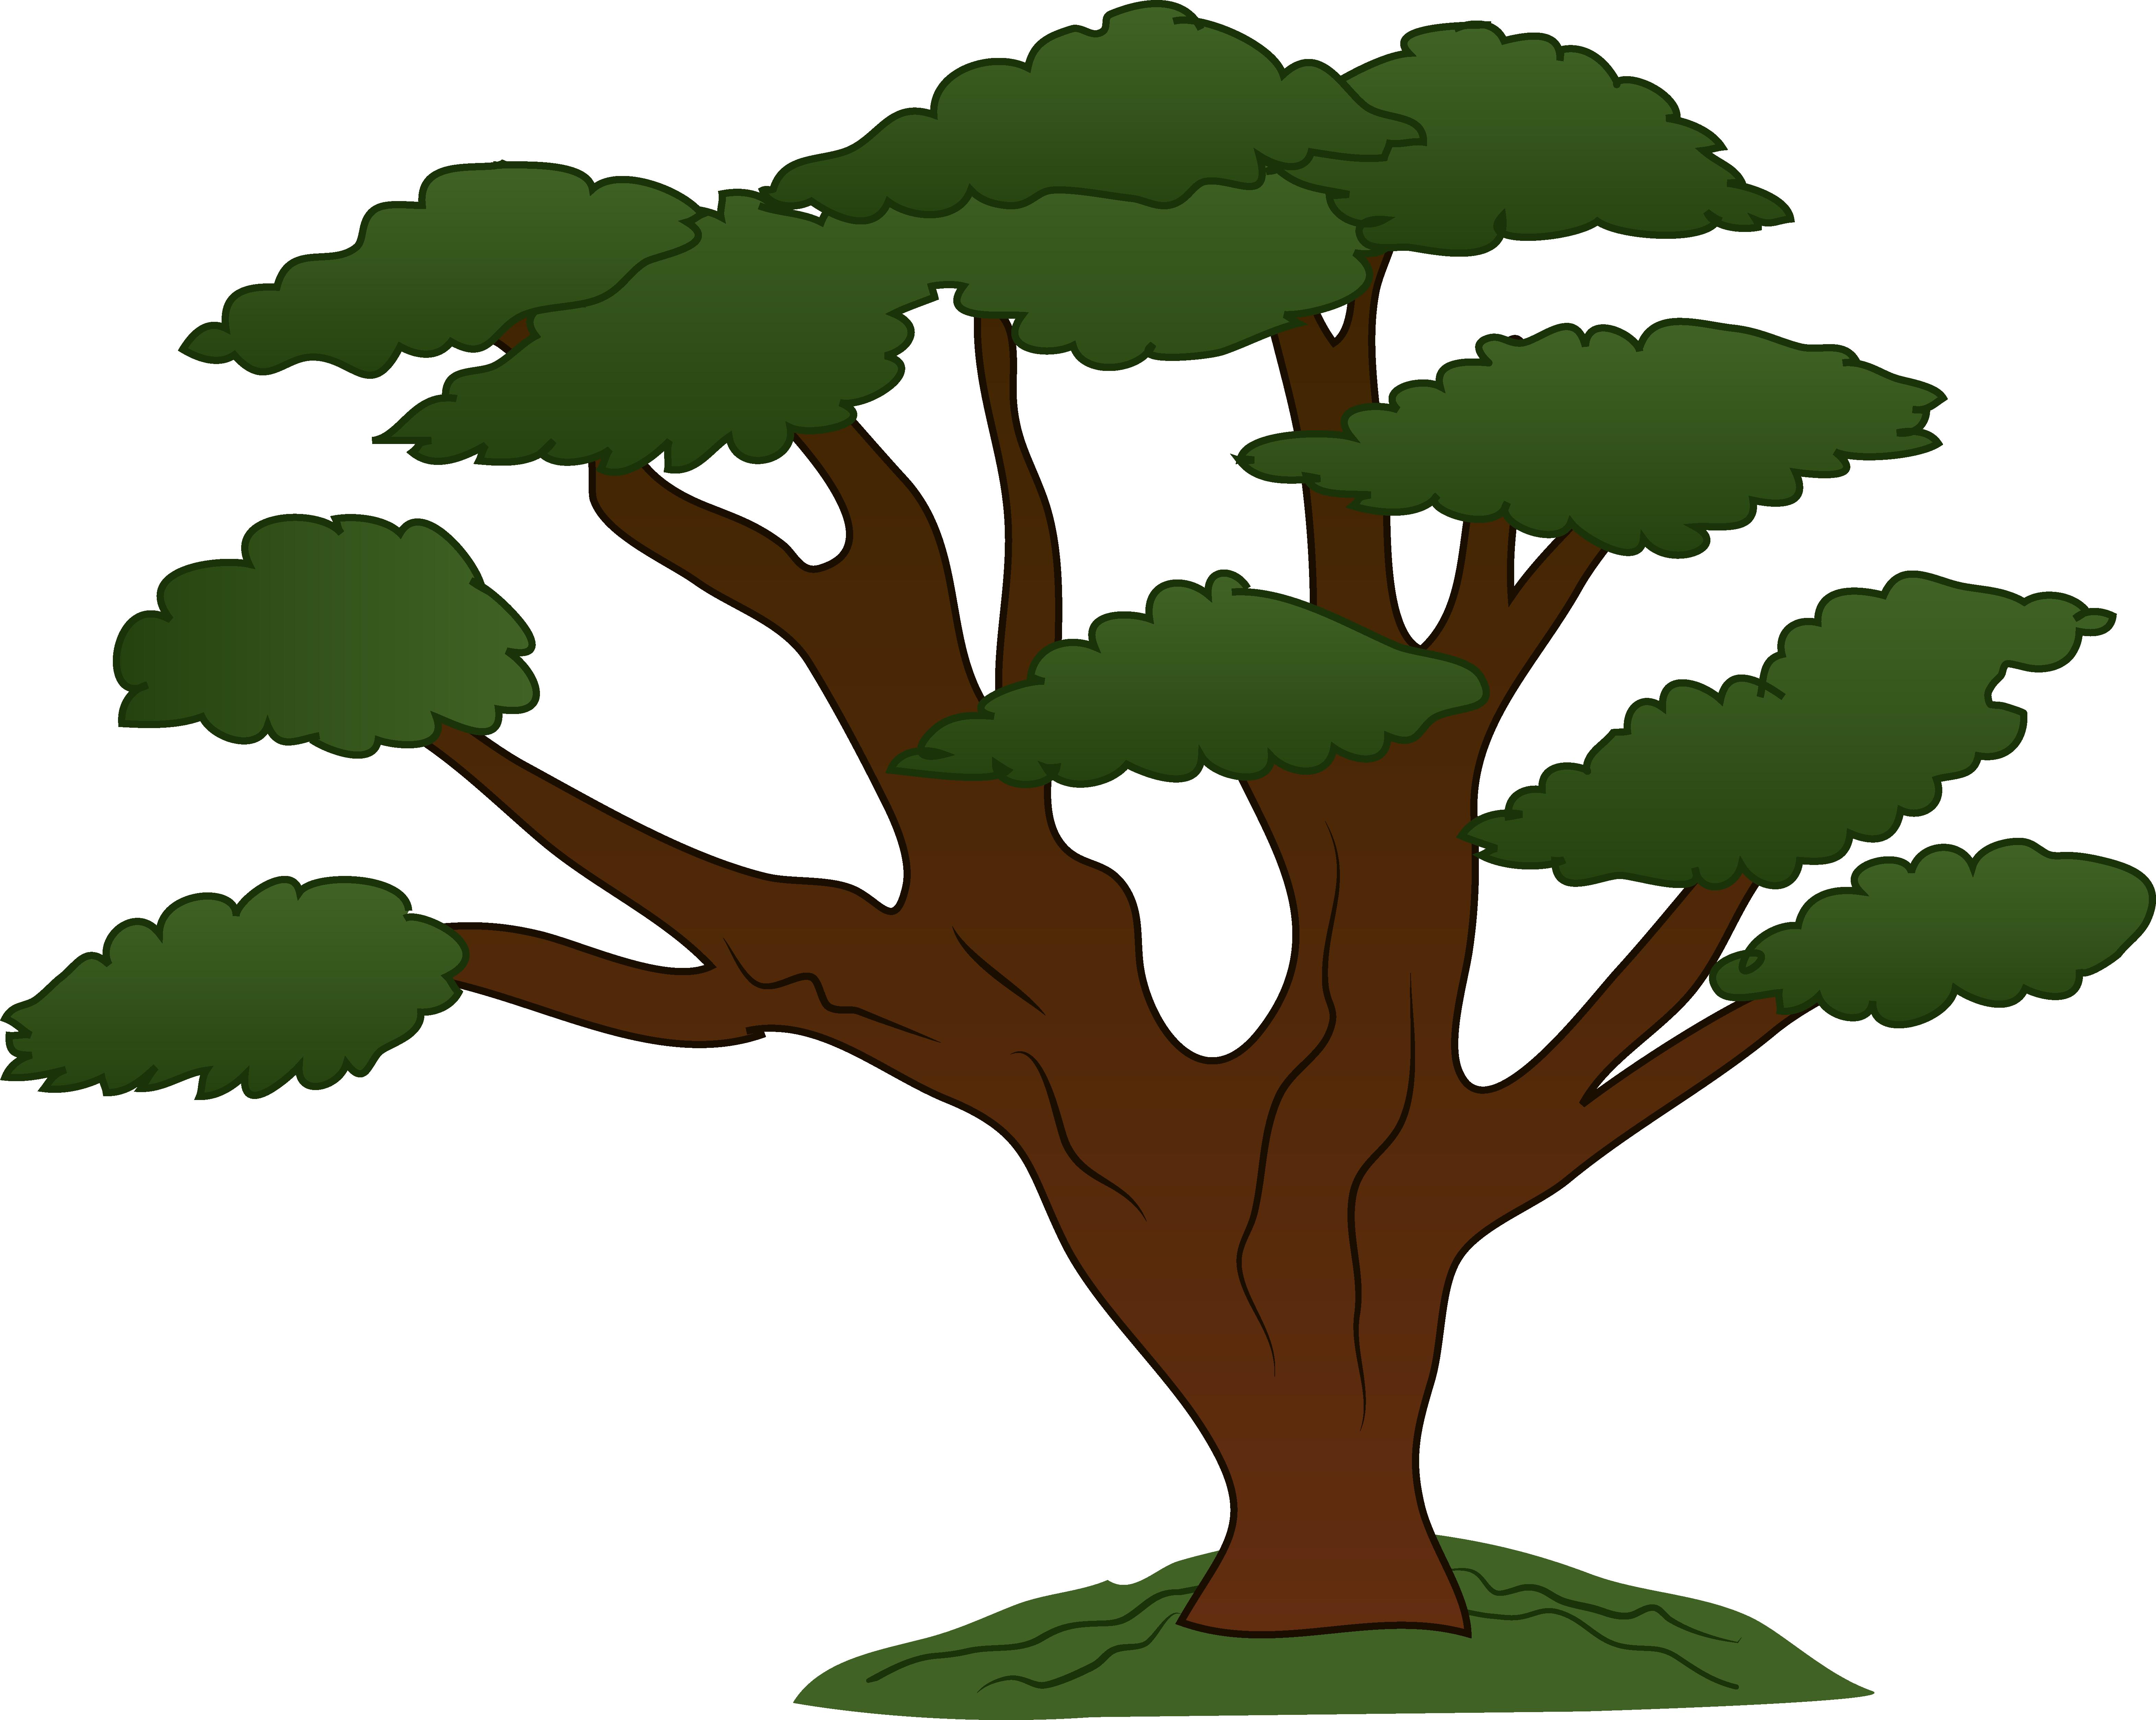 Trees family tree clipart free clipart i-Trees family tree clipart free clipart images cliparting-10